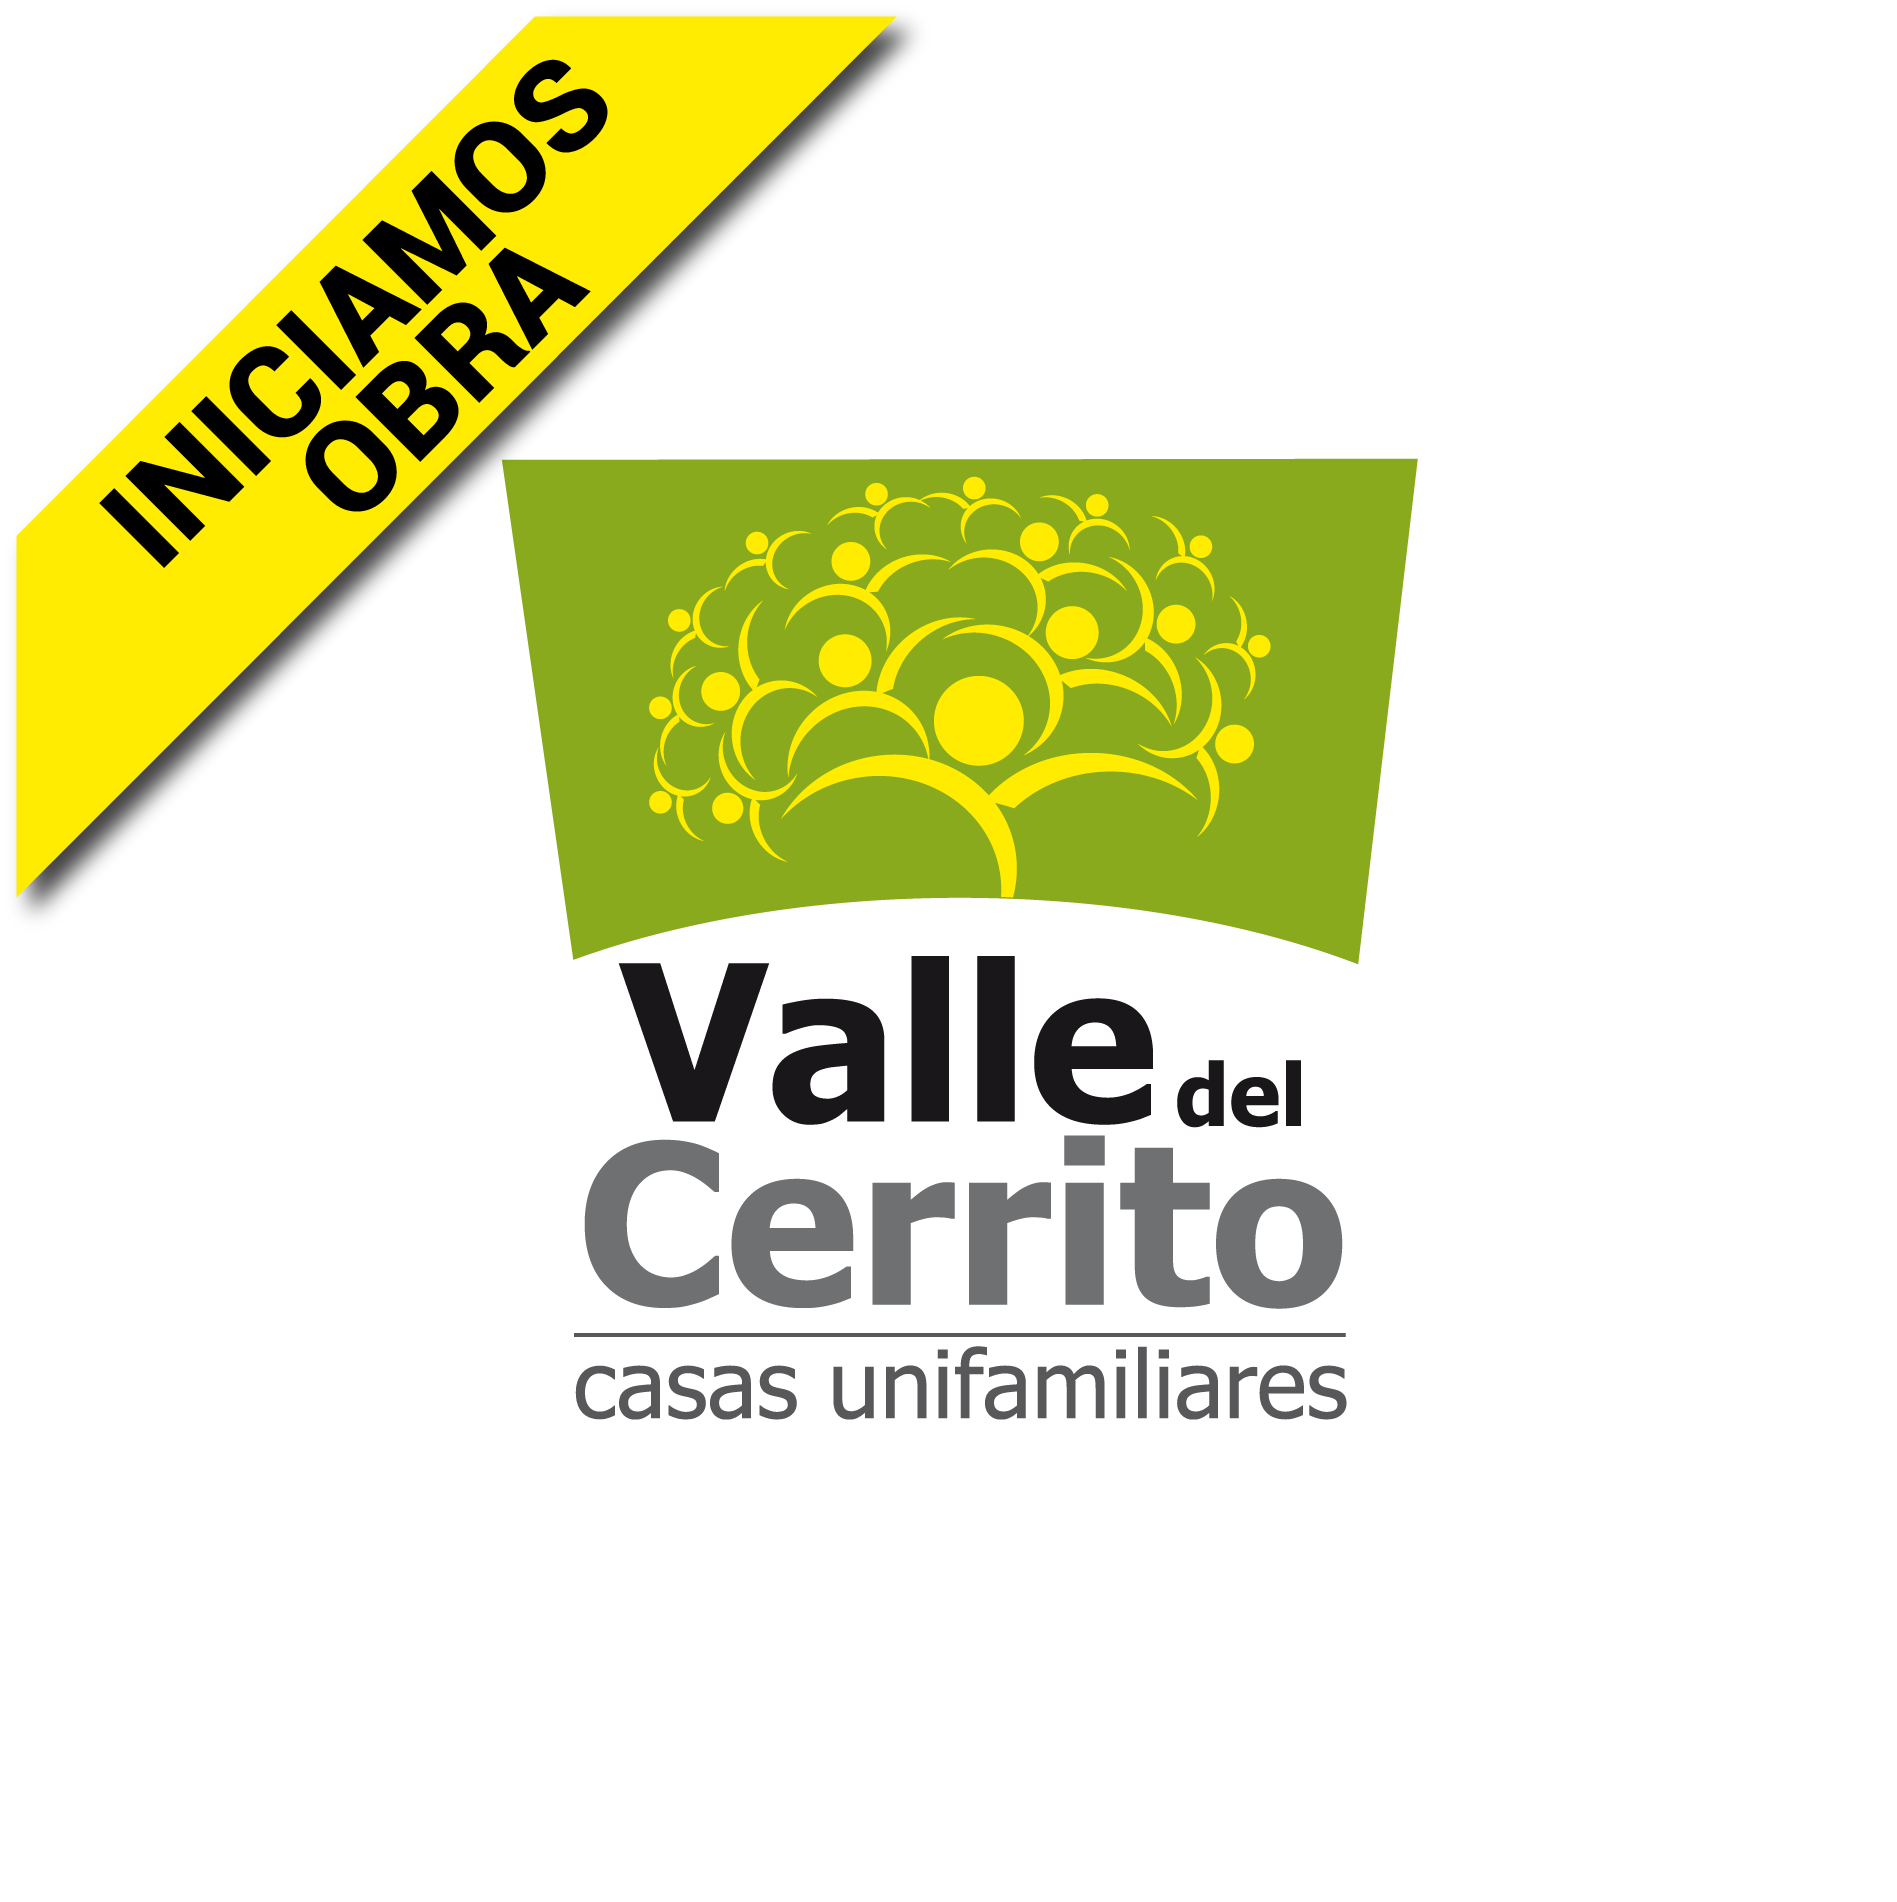 INICIO VALLE DEL CERRITO